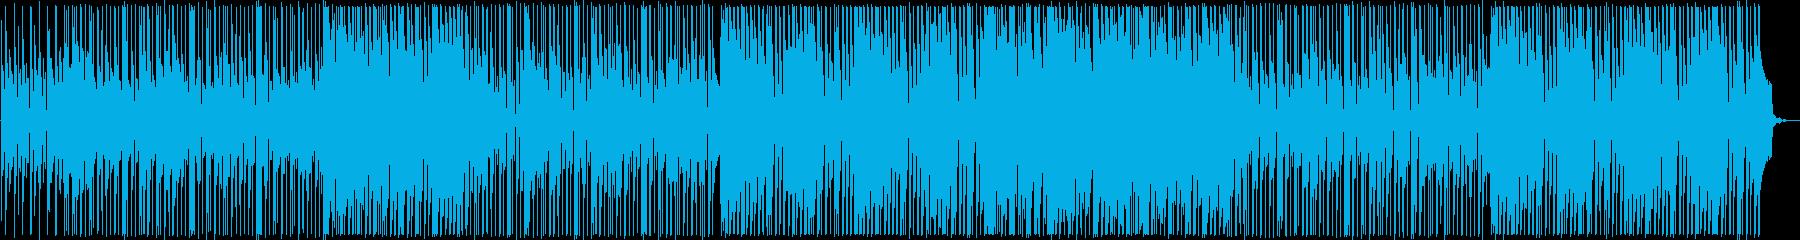 UTMの再生済みの波形